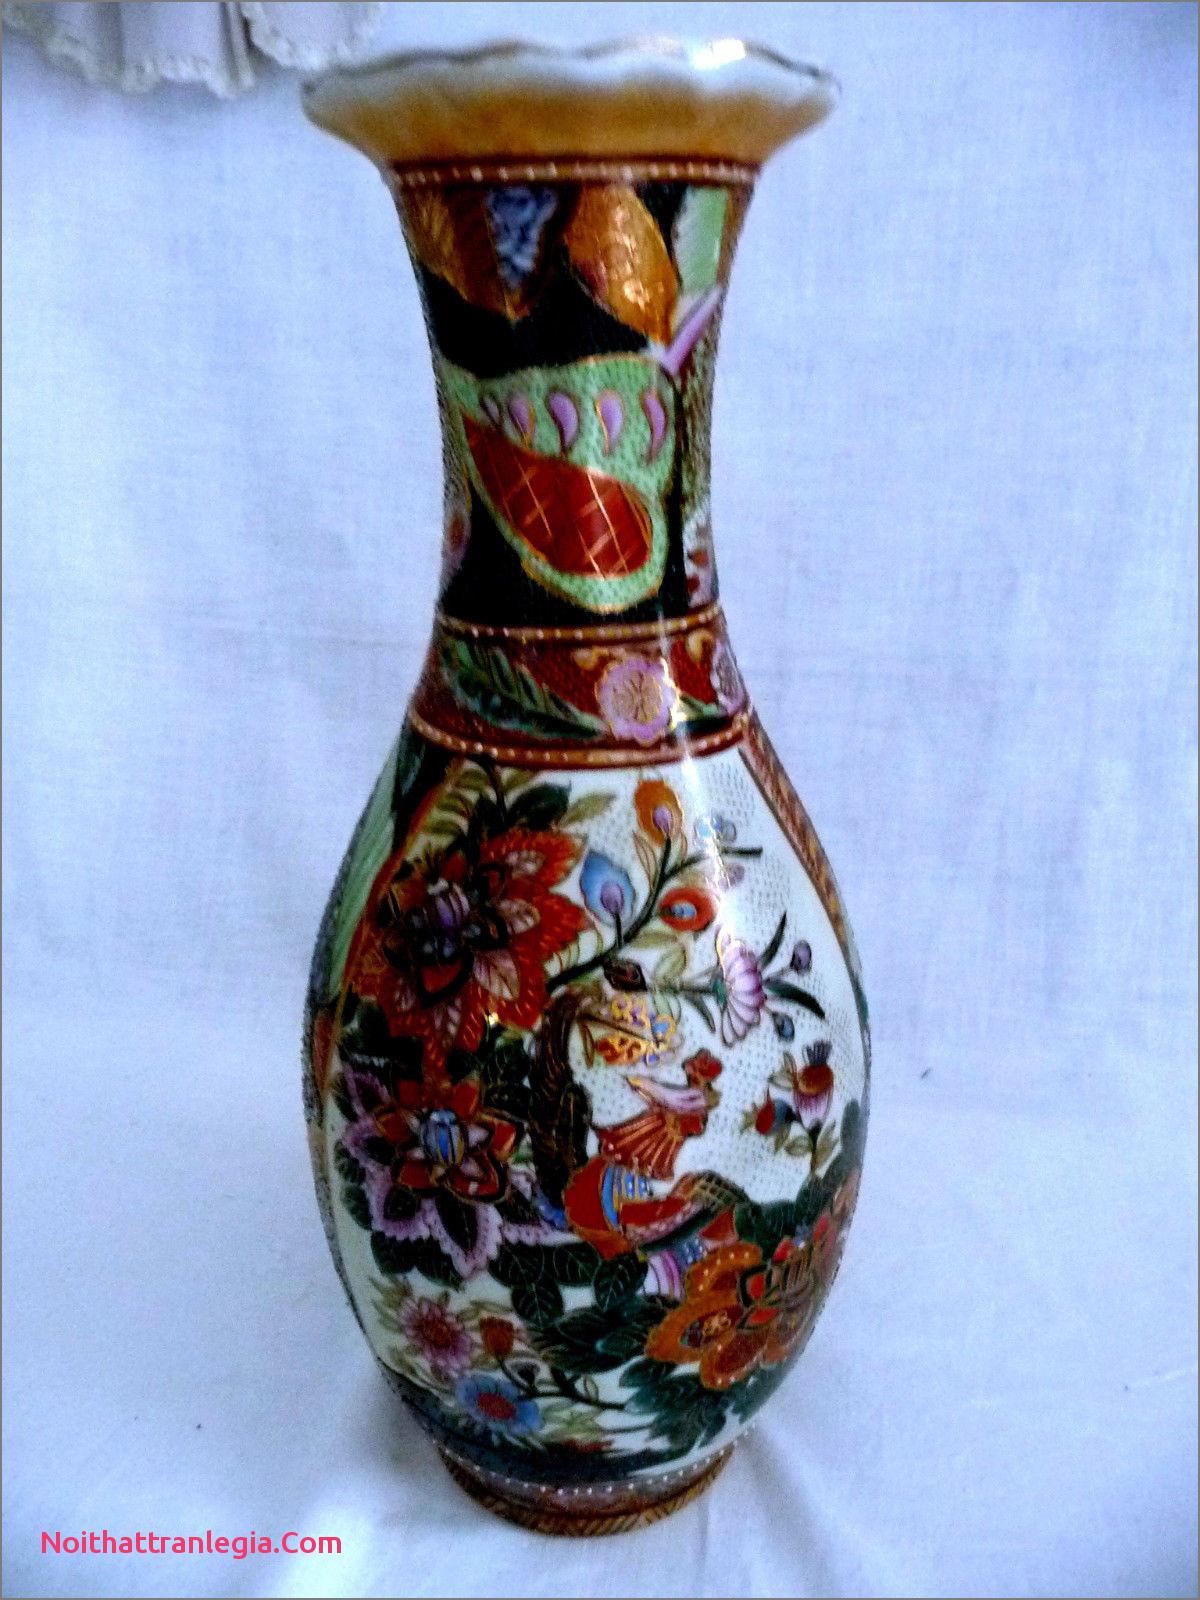 13 Ideal Blue and Green Glass Vases 2021 free download blue and green glass vases of 20 chinese antique vase noithattranlegia vases design throughout 1 von 11 siehe mehr